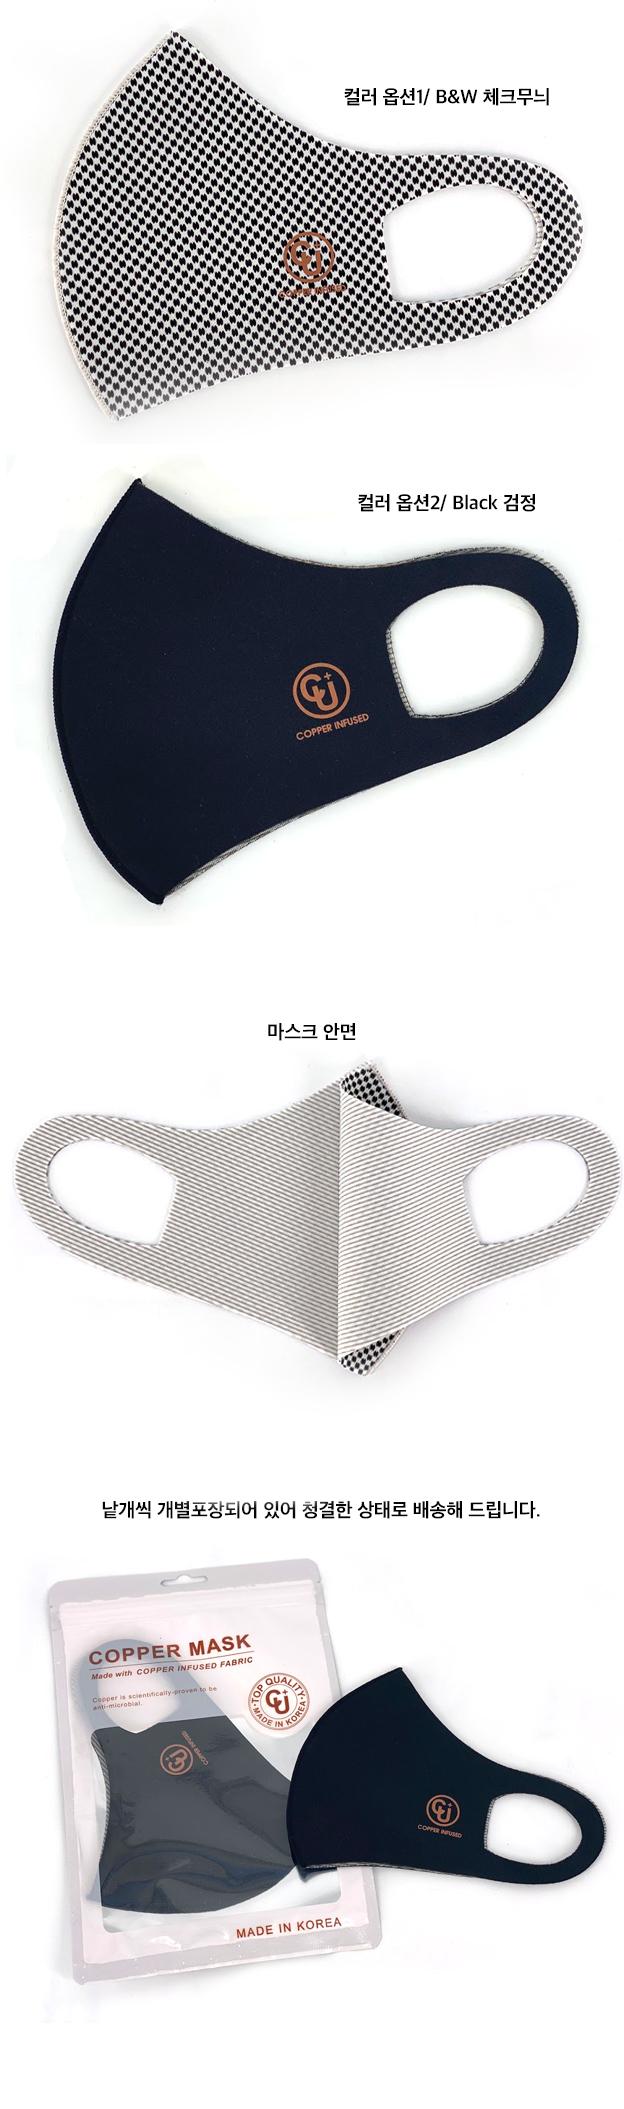 (한국산) 구리마스크 성인용 Copper Mask made with copper infused fabric